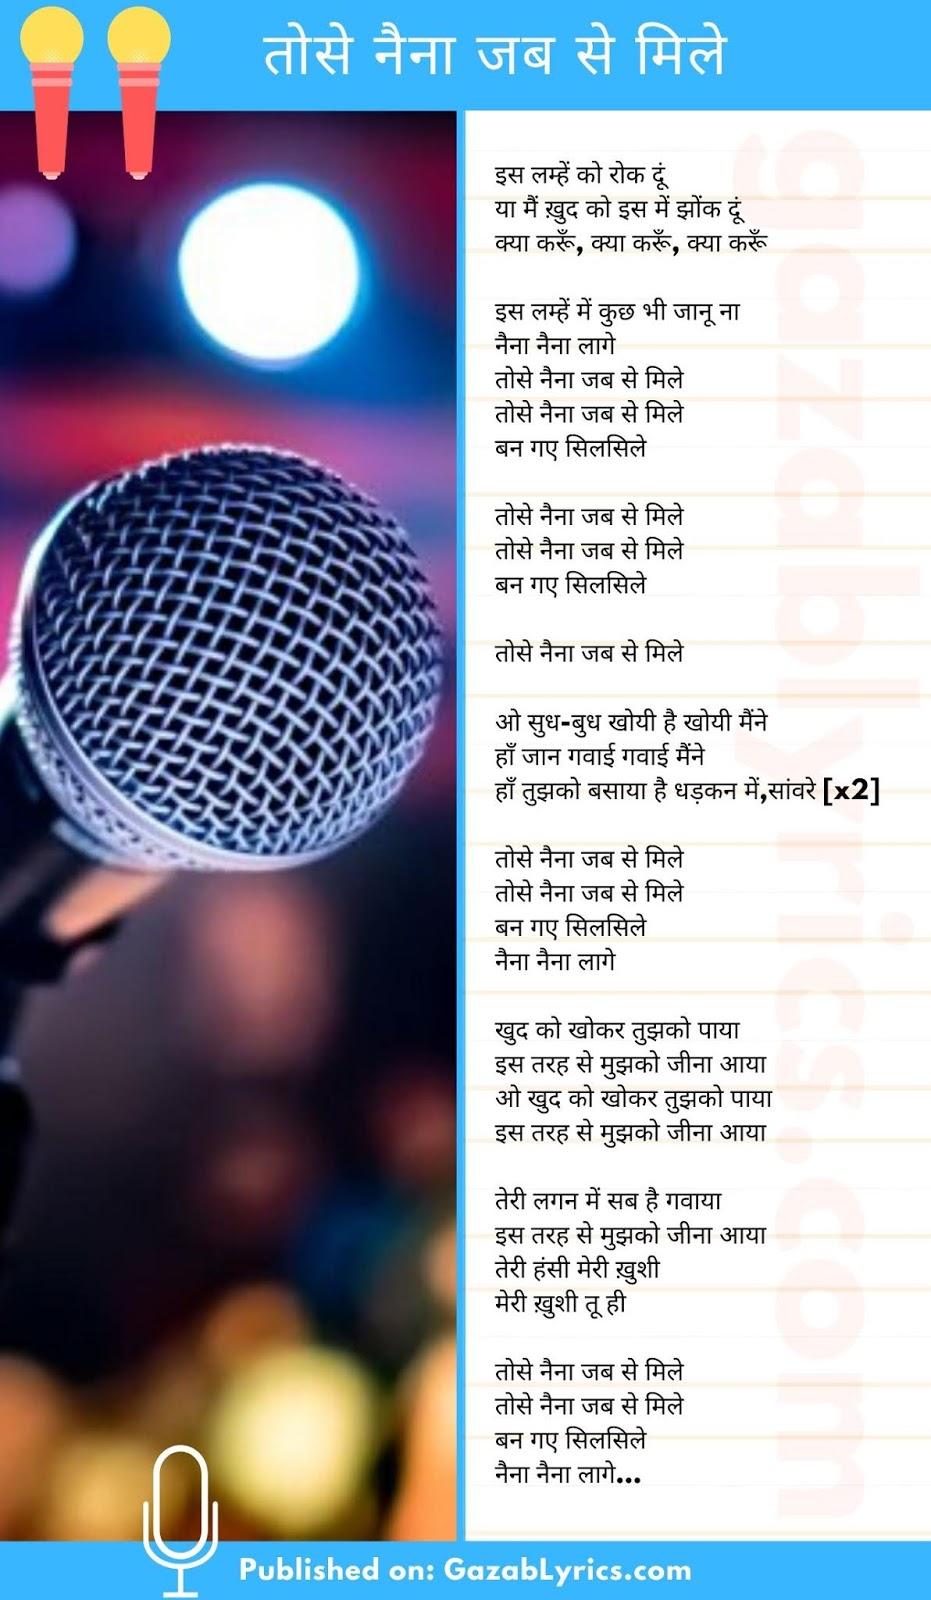 Tose Naina song lyrics image